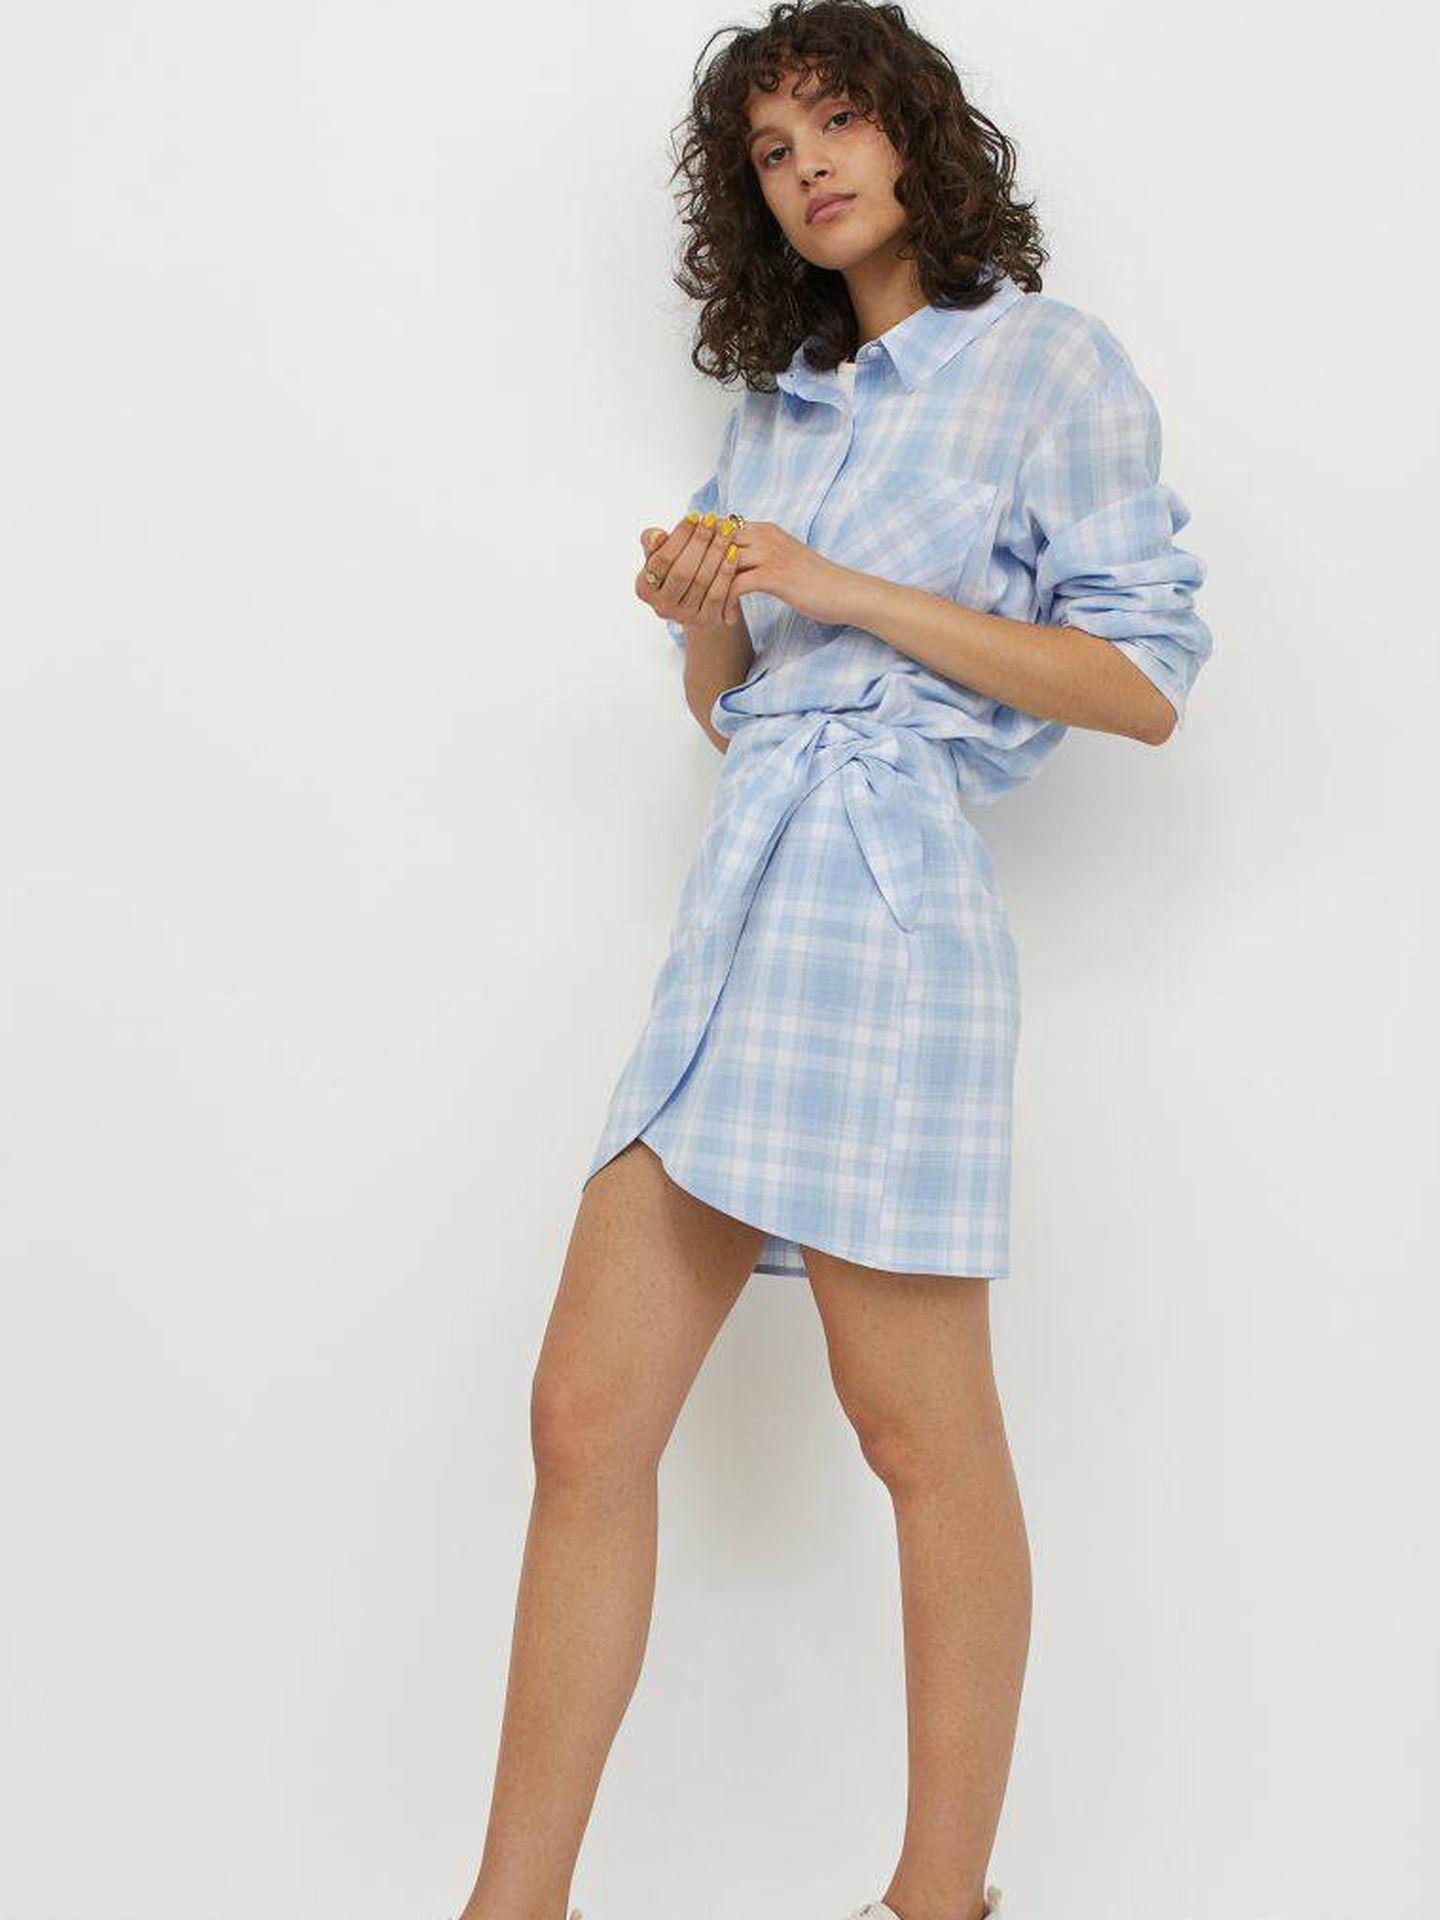 La minifalda pareo de HyM en su versión estampada. (Cortesía)